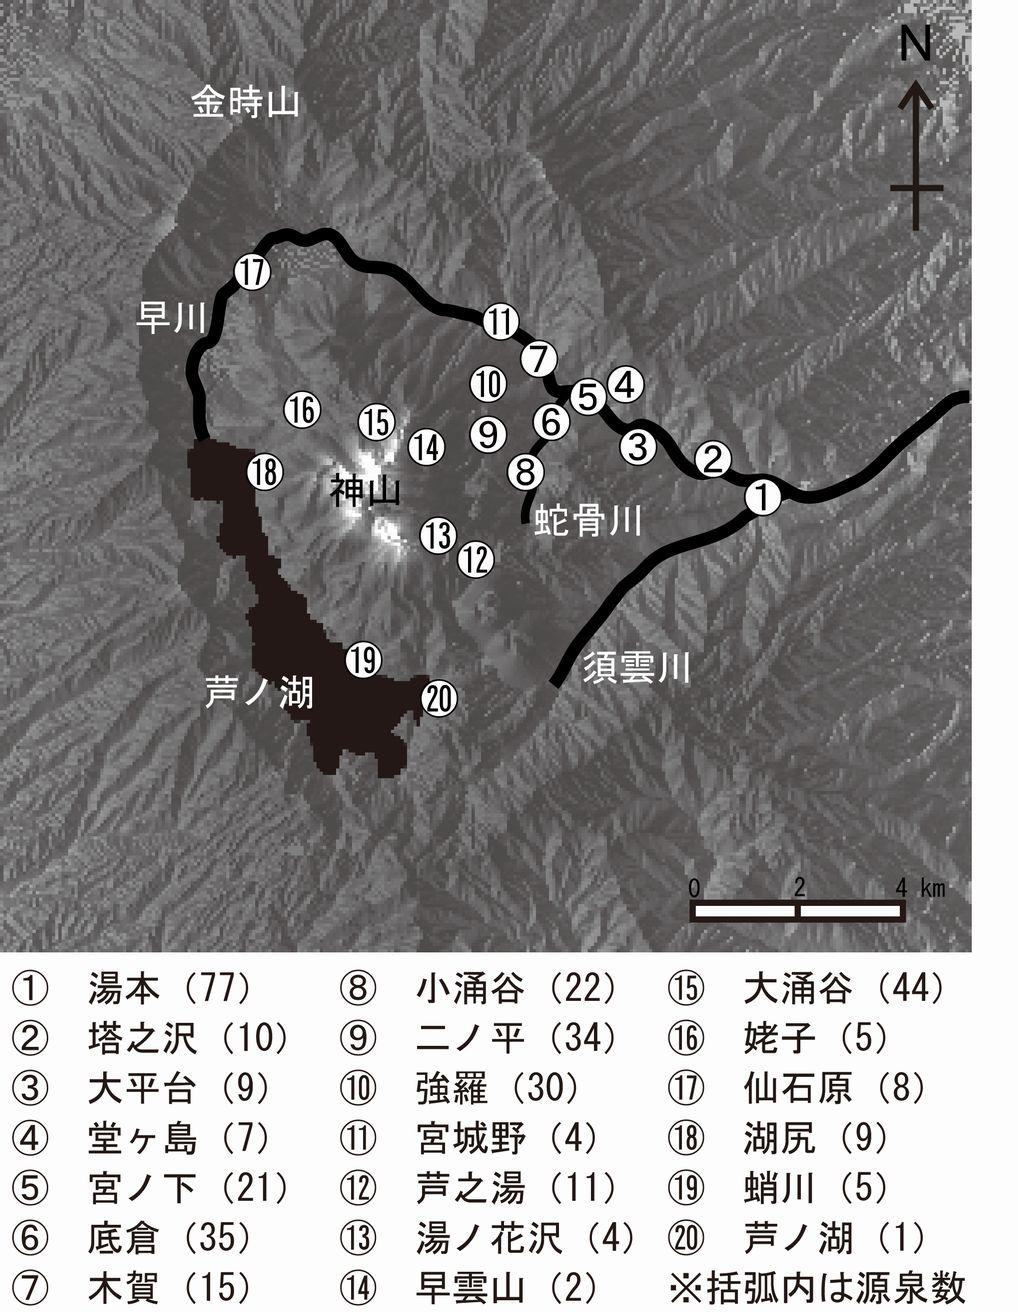 箱根二十湯と各温泉場の源泉数。源泉数は小田原保健福祉事務所による2012年3月末のデータ。